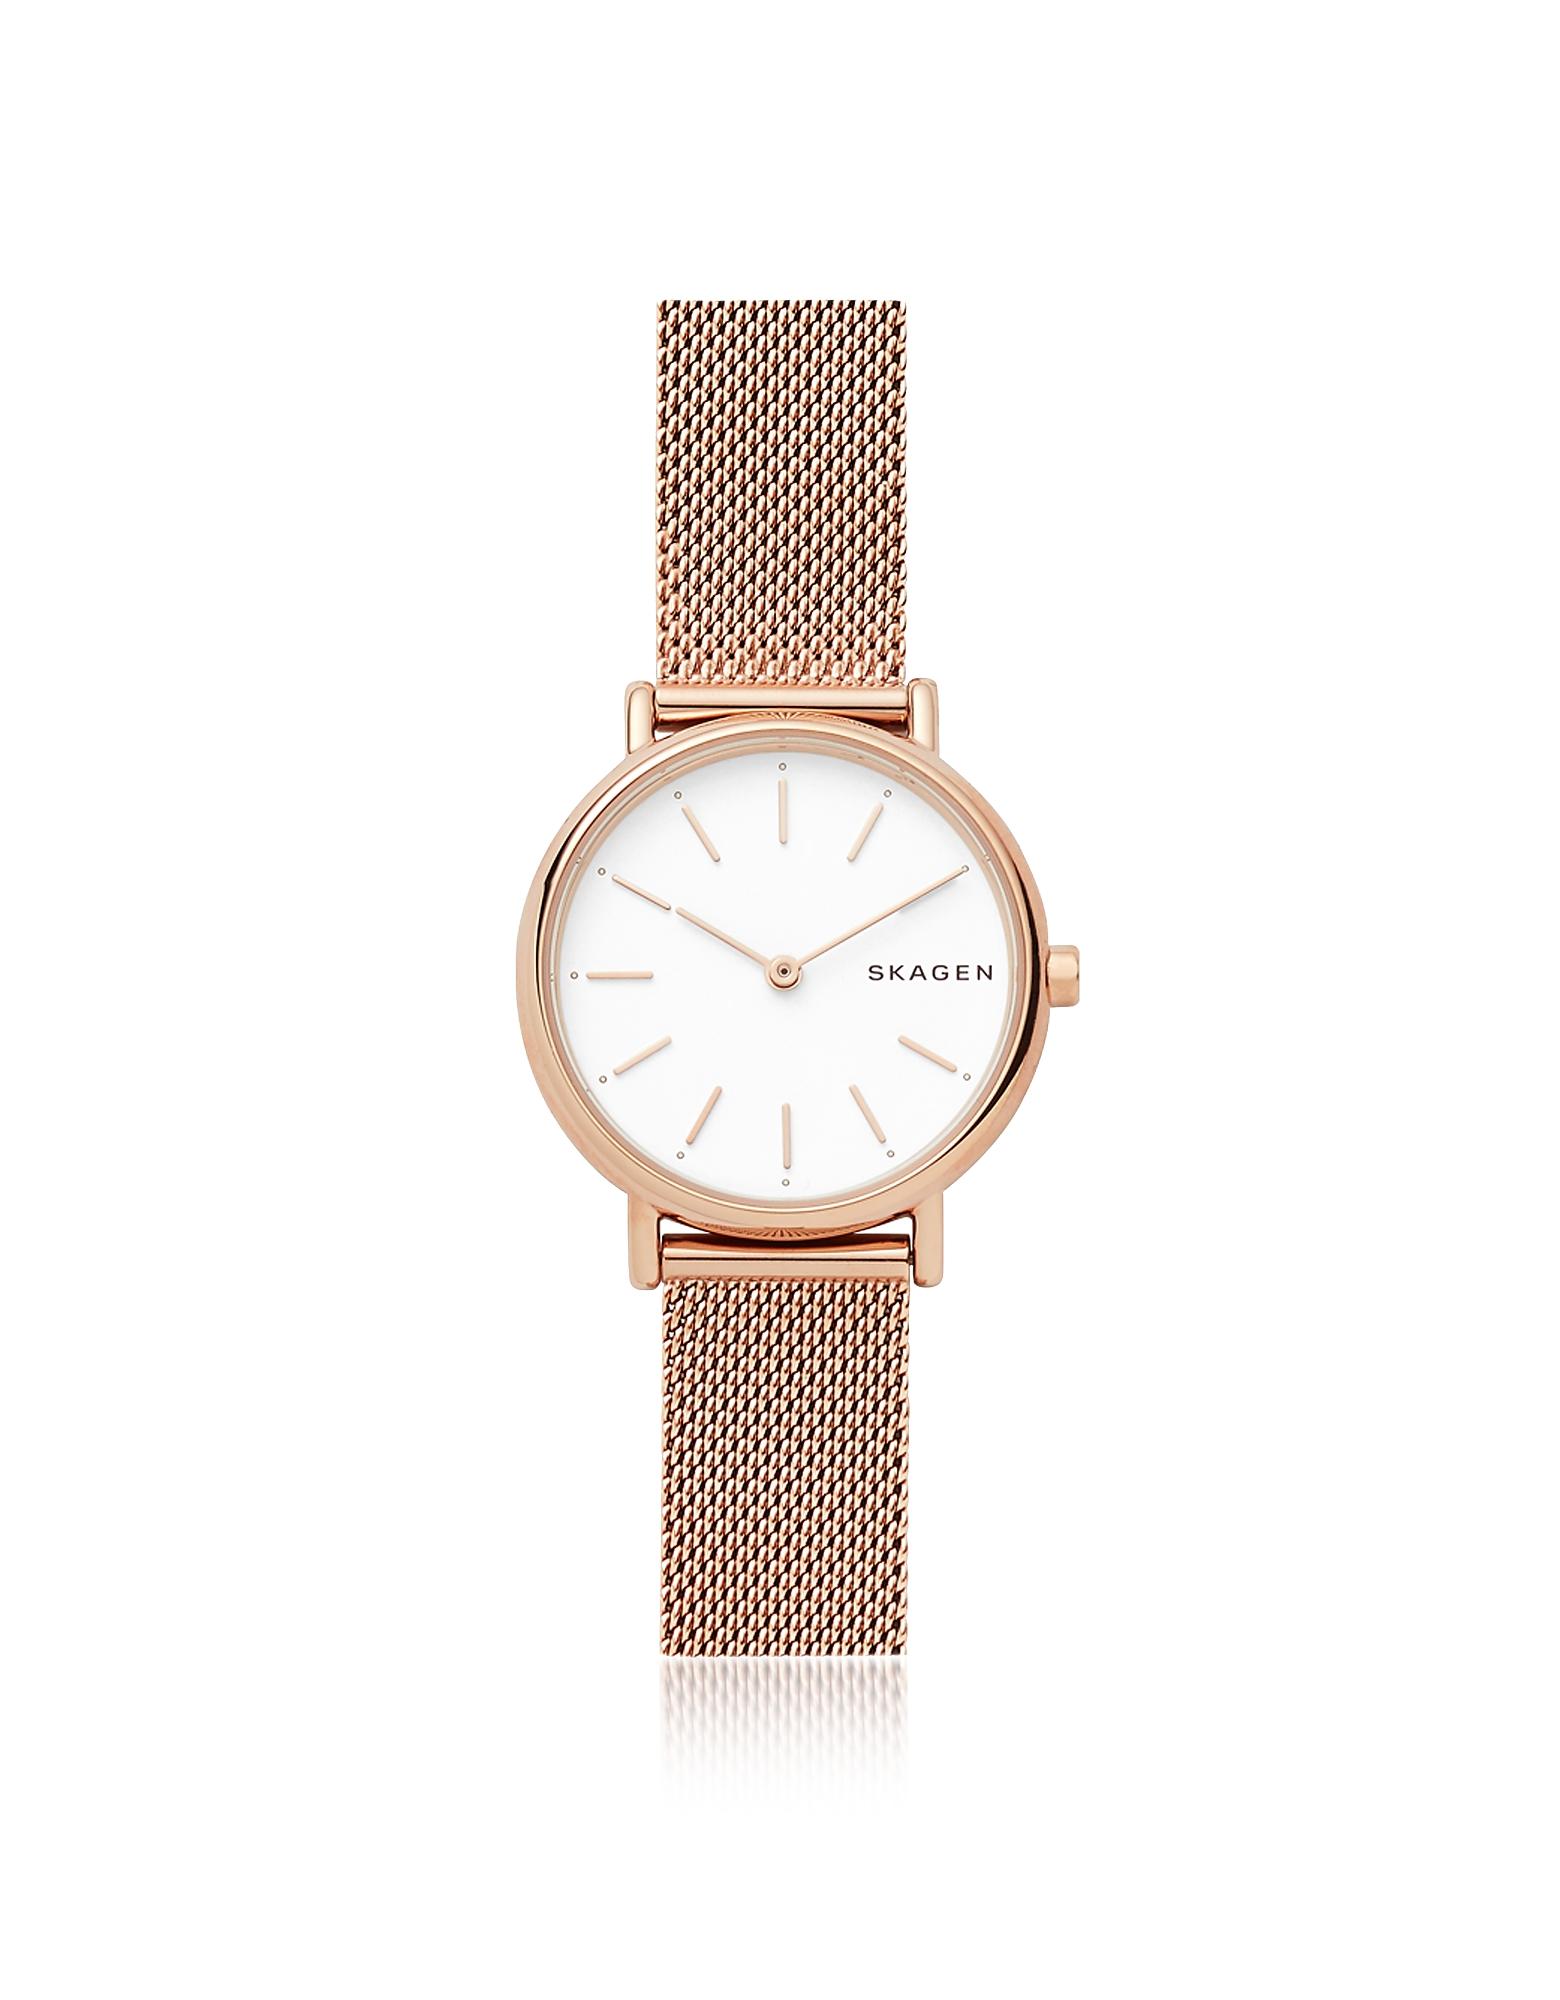 Skagen Women's Watches, Signatur Slim Rose Gold-Tone Steel-Mesh Watch